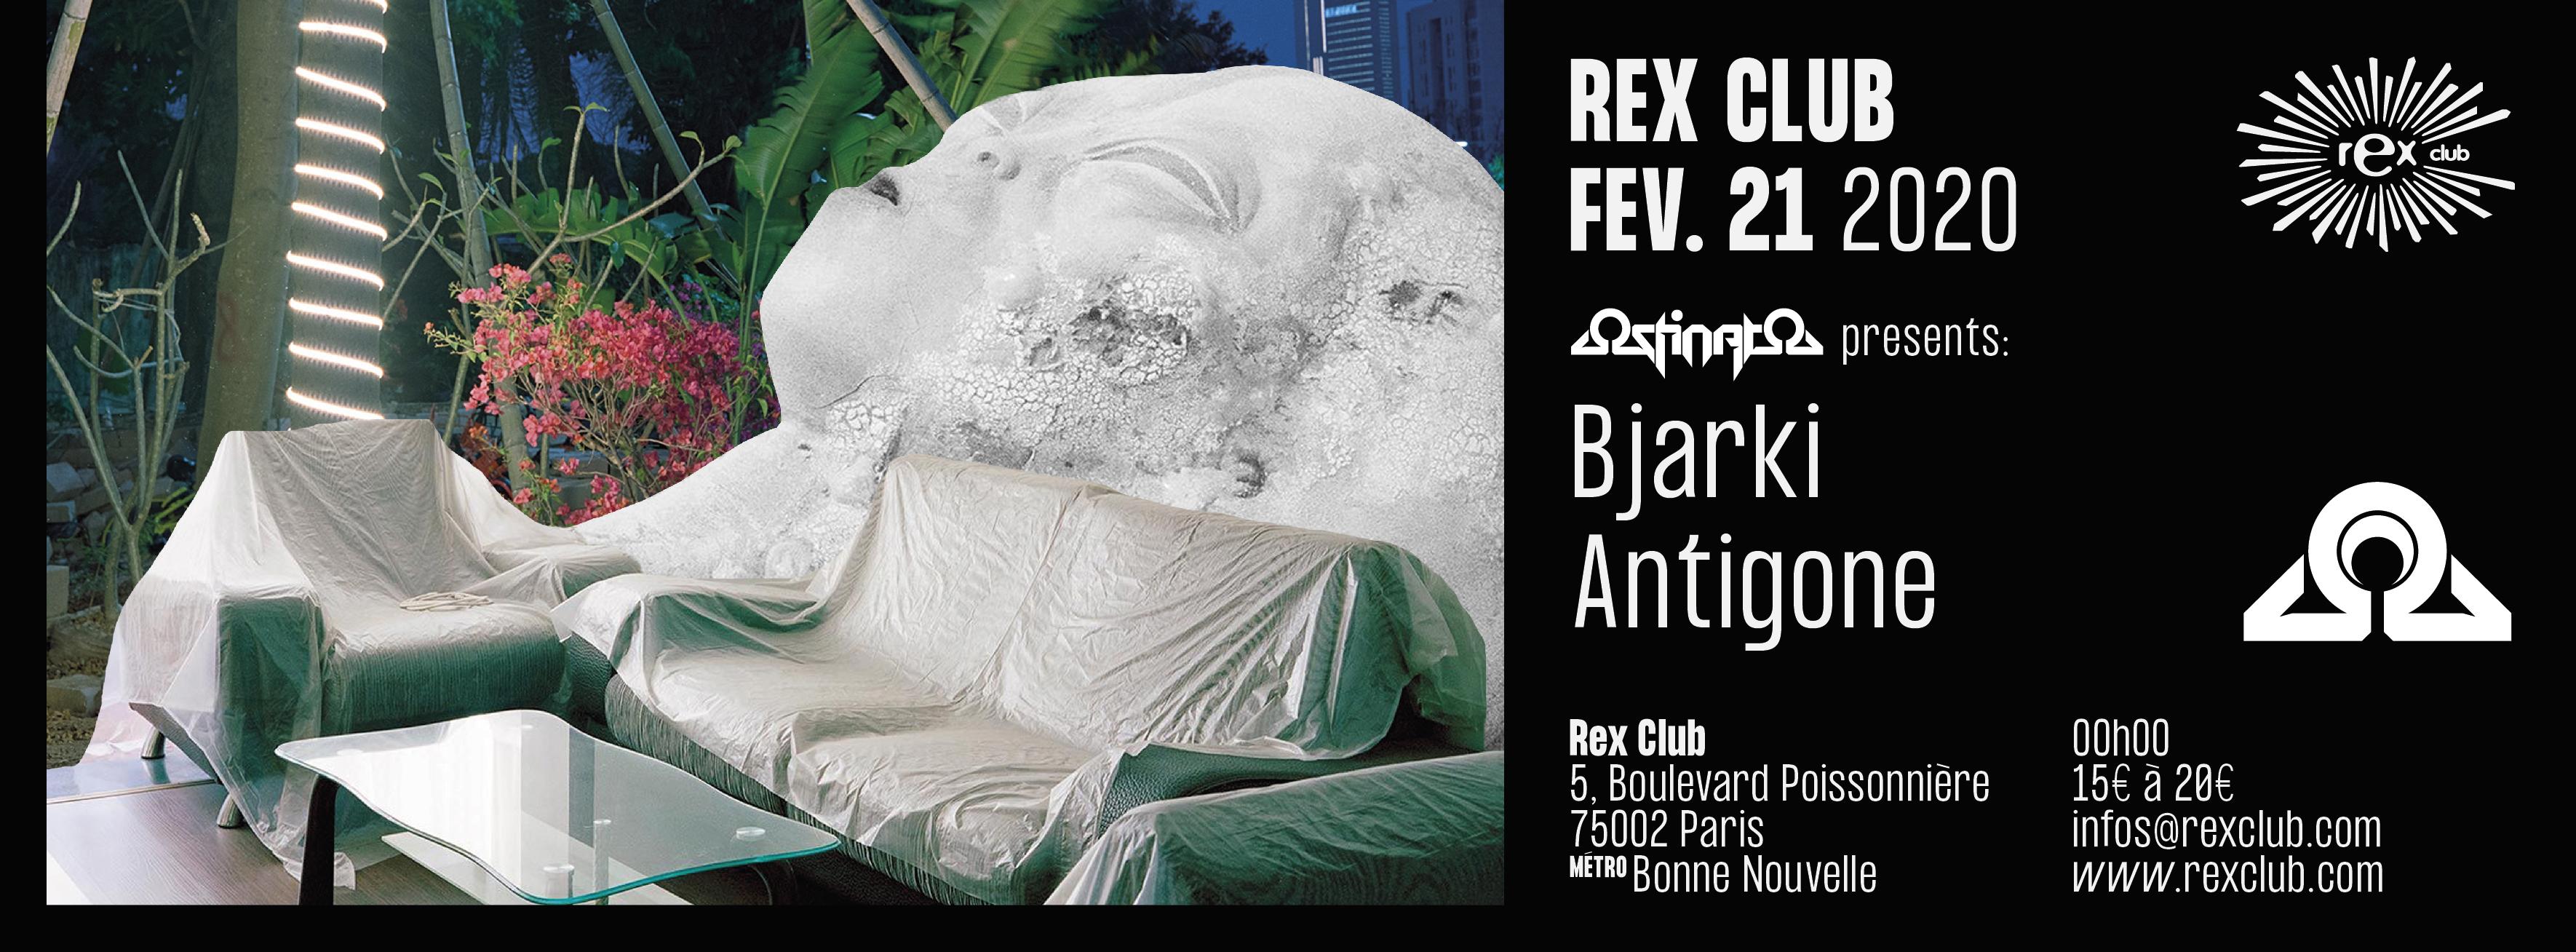 Ostinato presents: Bjarki & Antigone